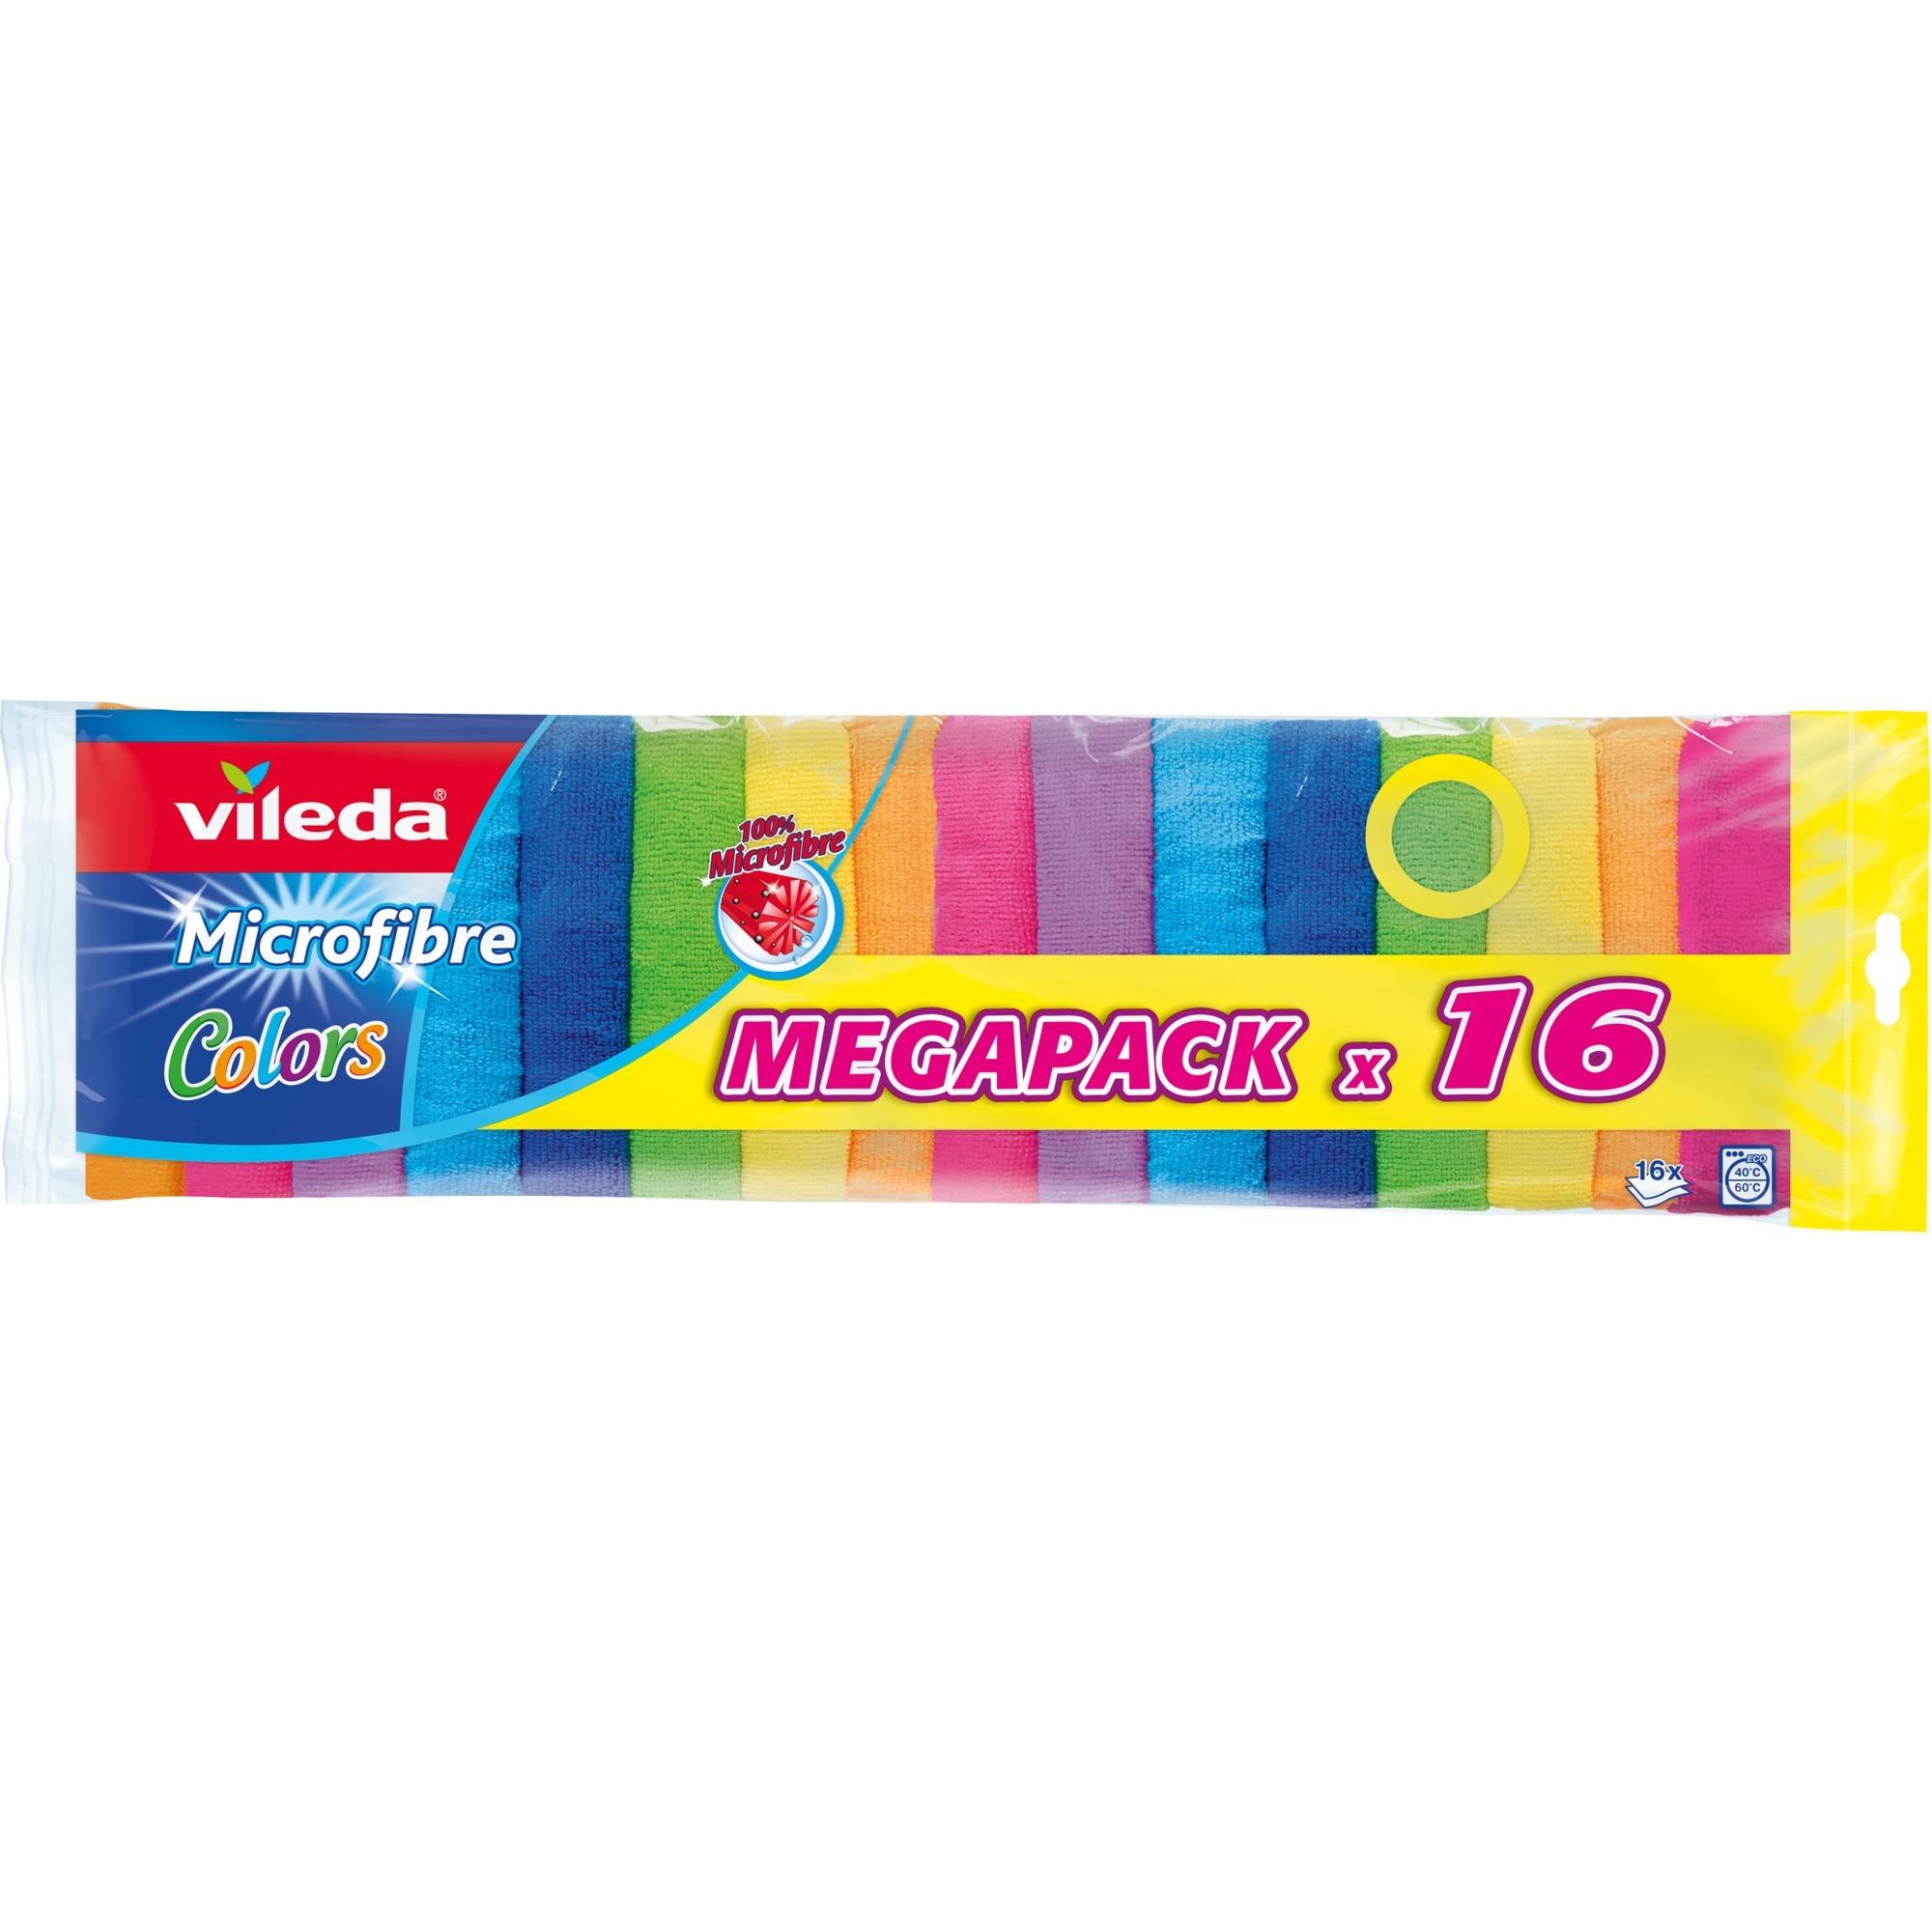 152874 trapo para limpiar Poliamida, Poliéster Multicolor 16 pieza(s)